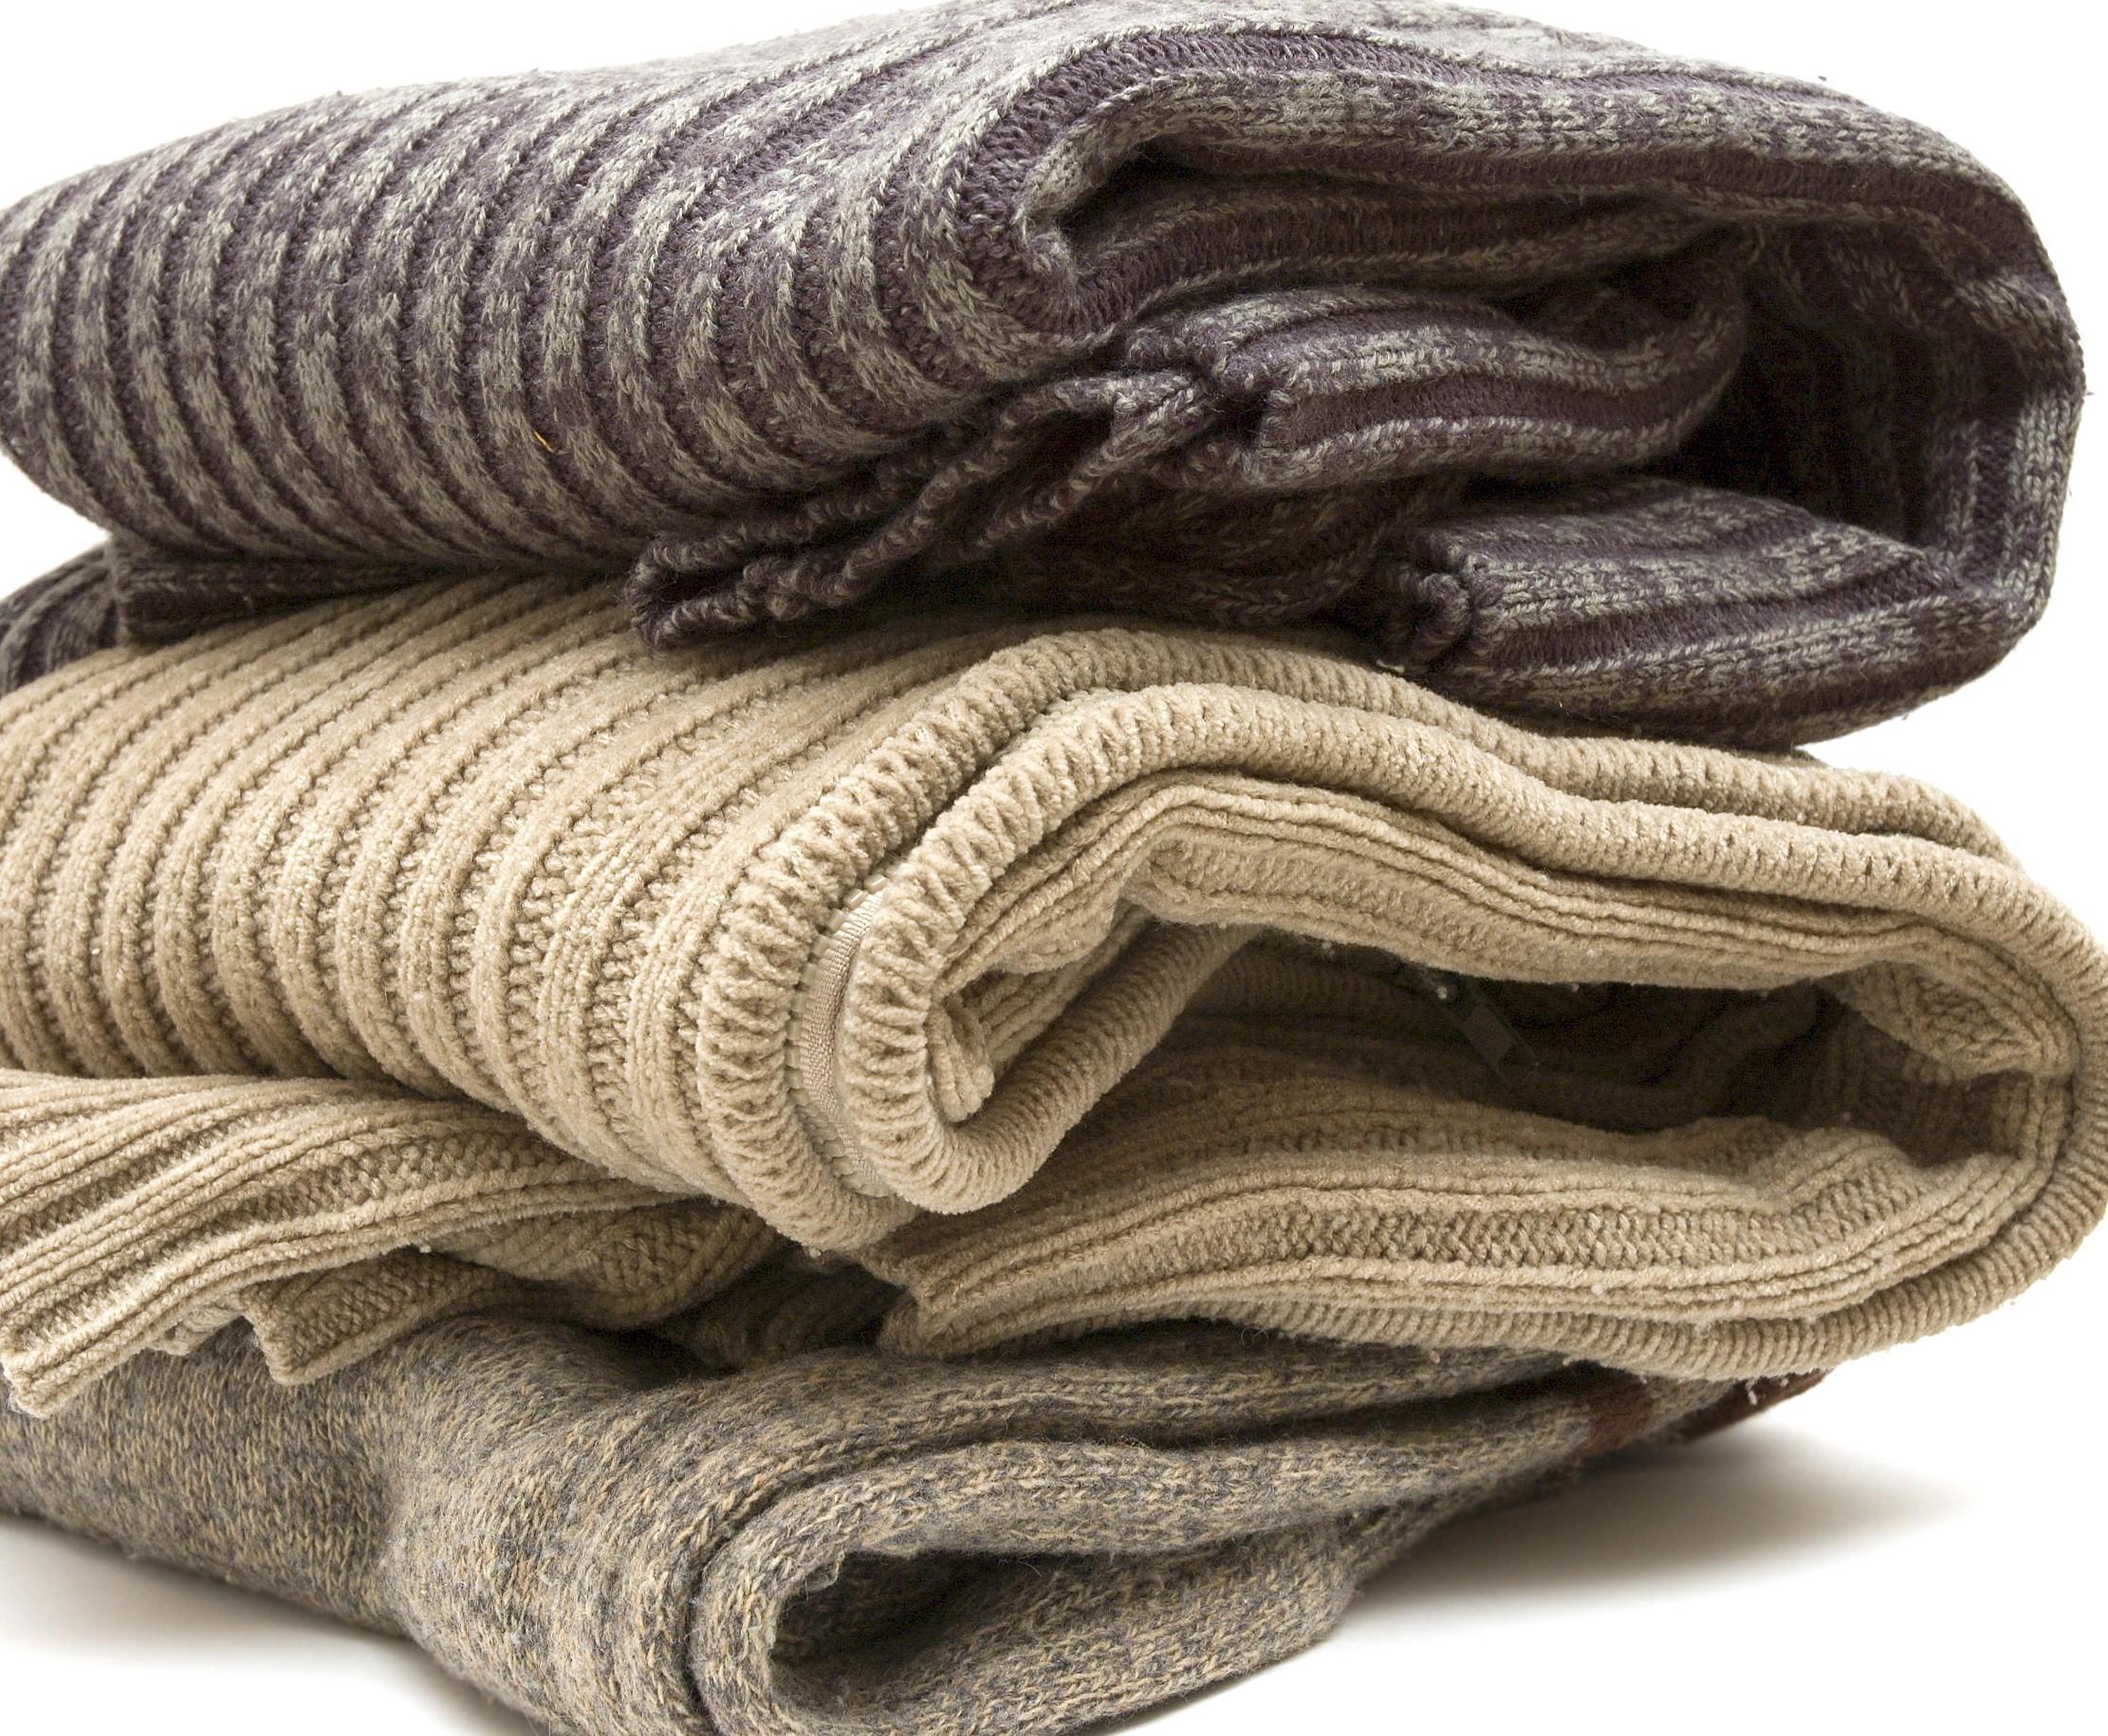 نتيجة بحث الصور عن حماية قماش الملابس من الوبر